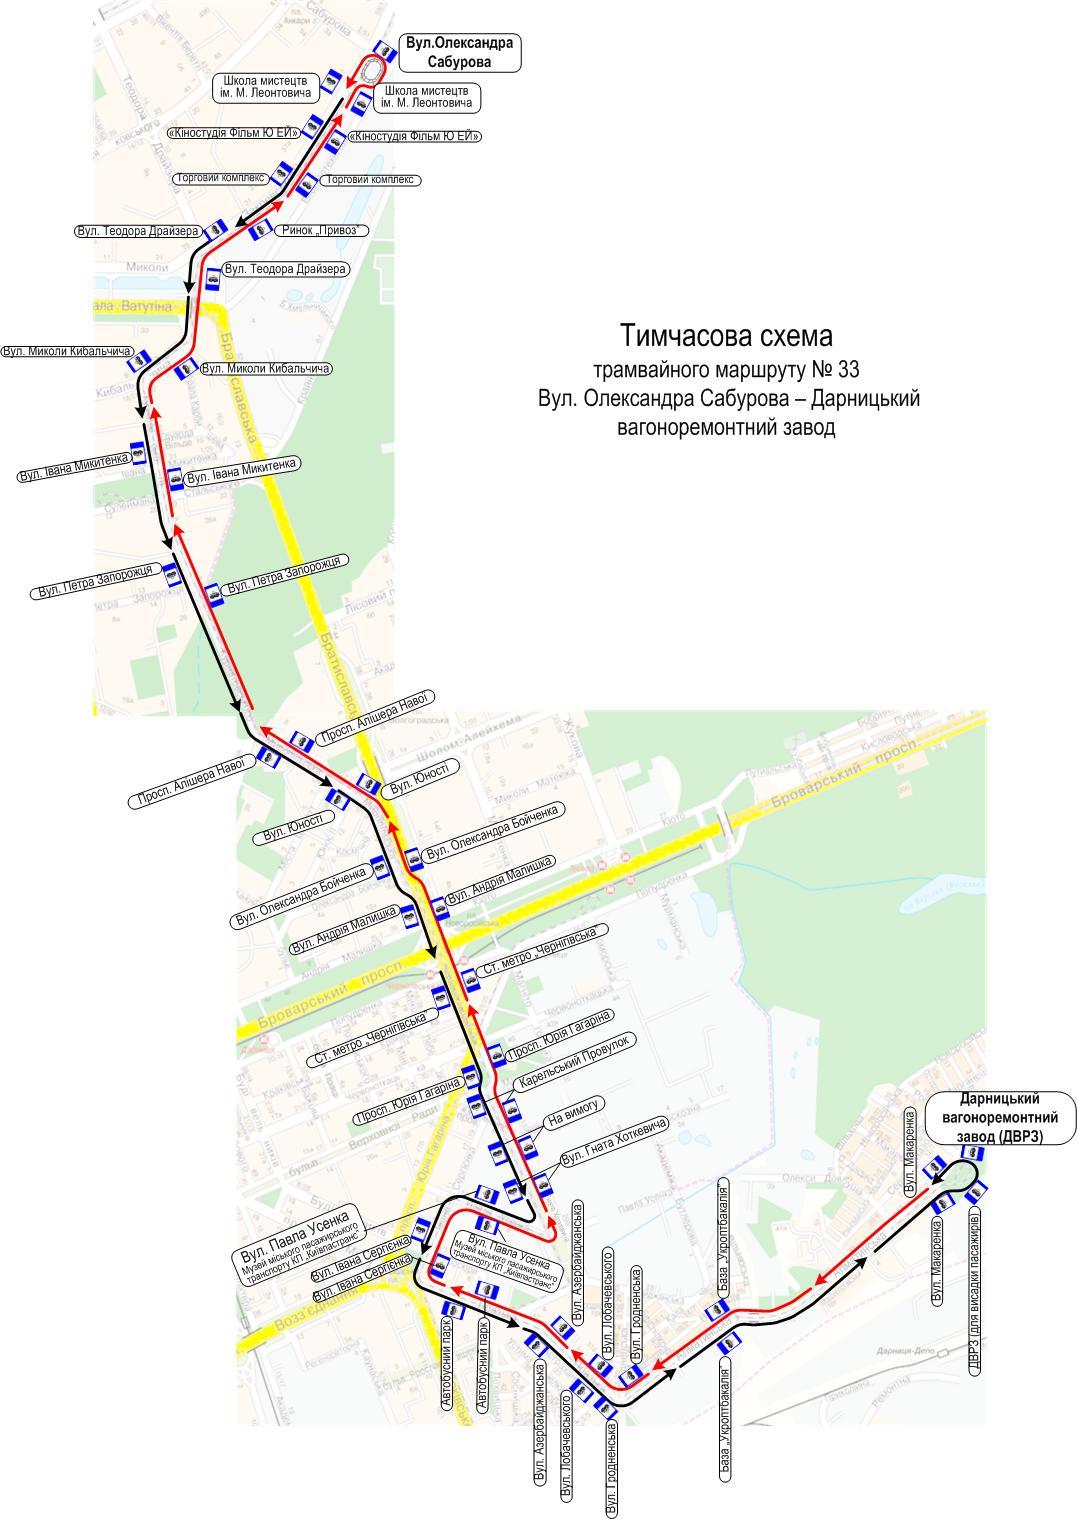 Временная схема движения трамвая №33